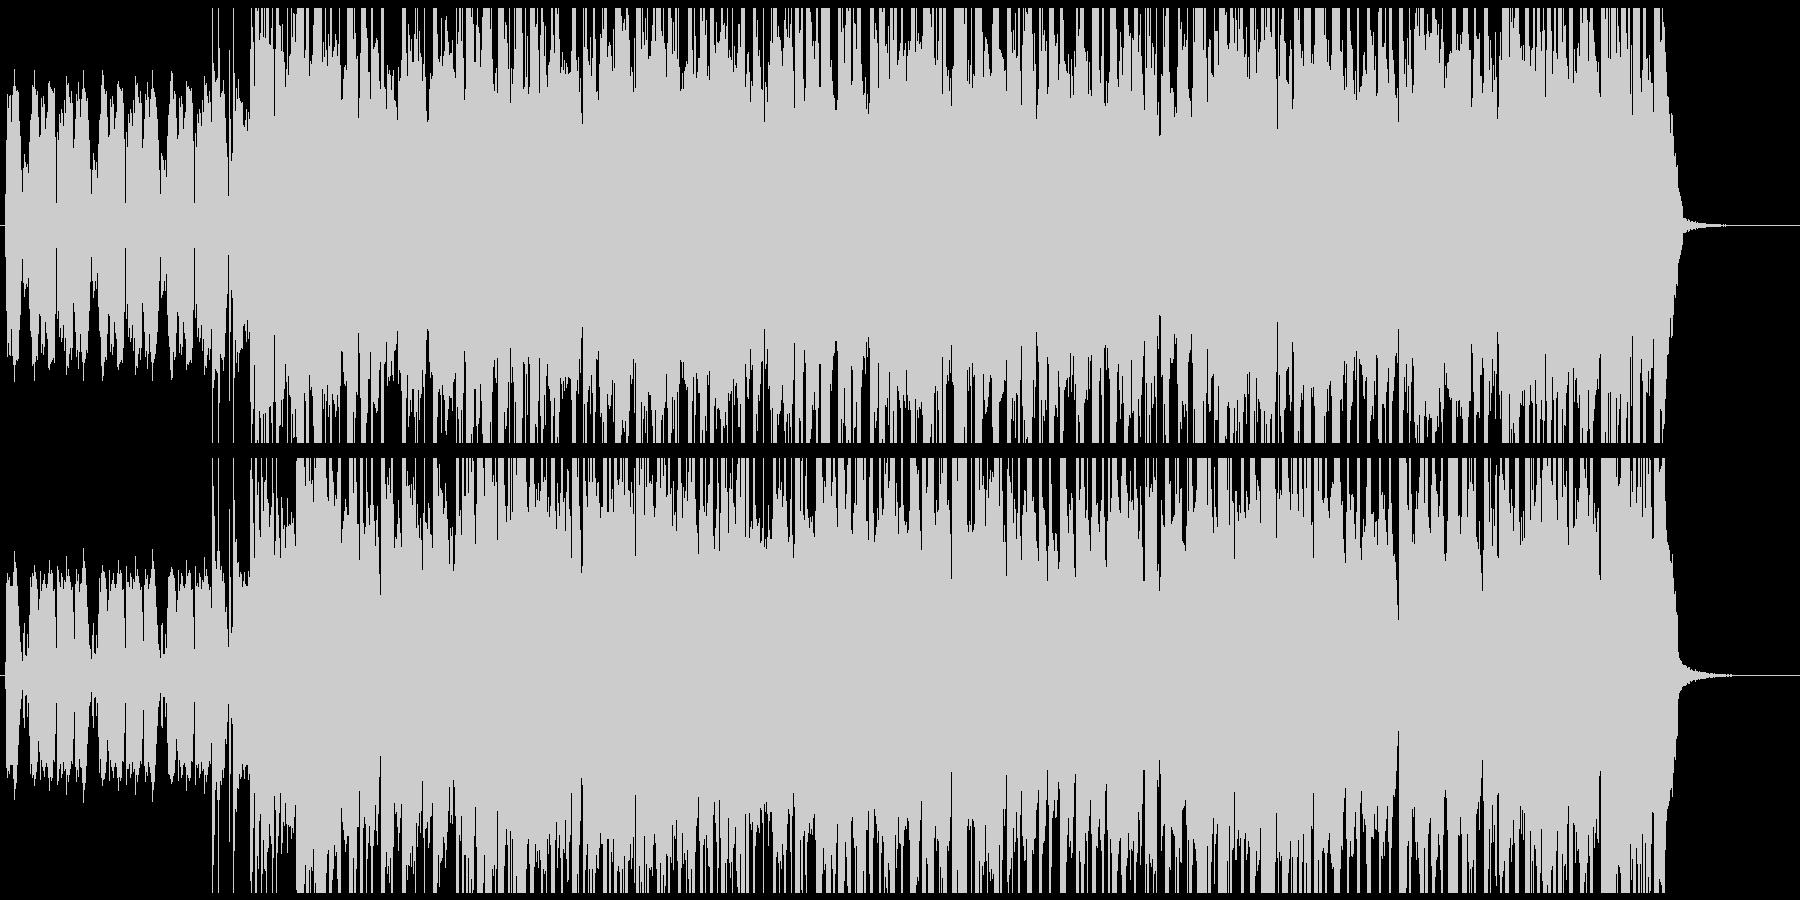 エレキギターとオルガンのロックBGMの未再生の波形